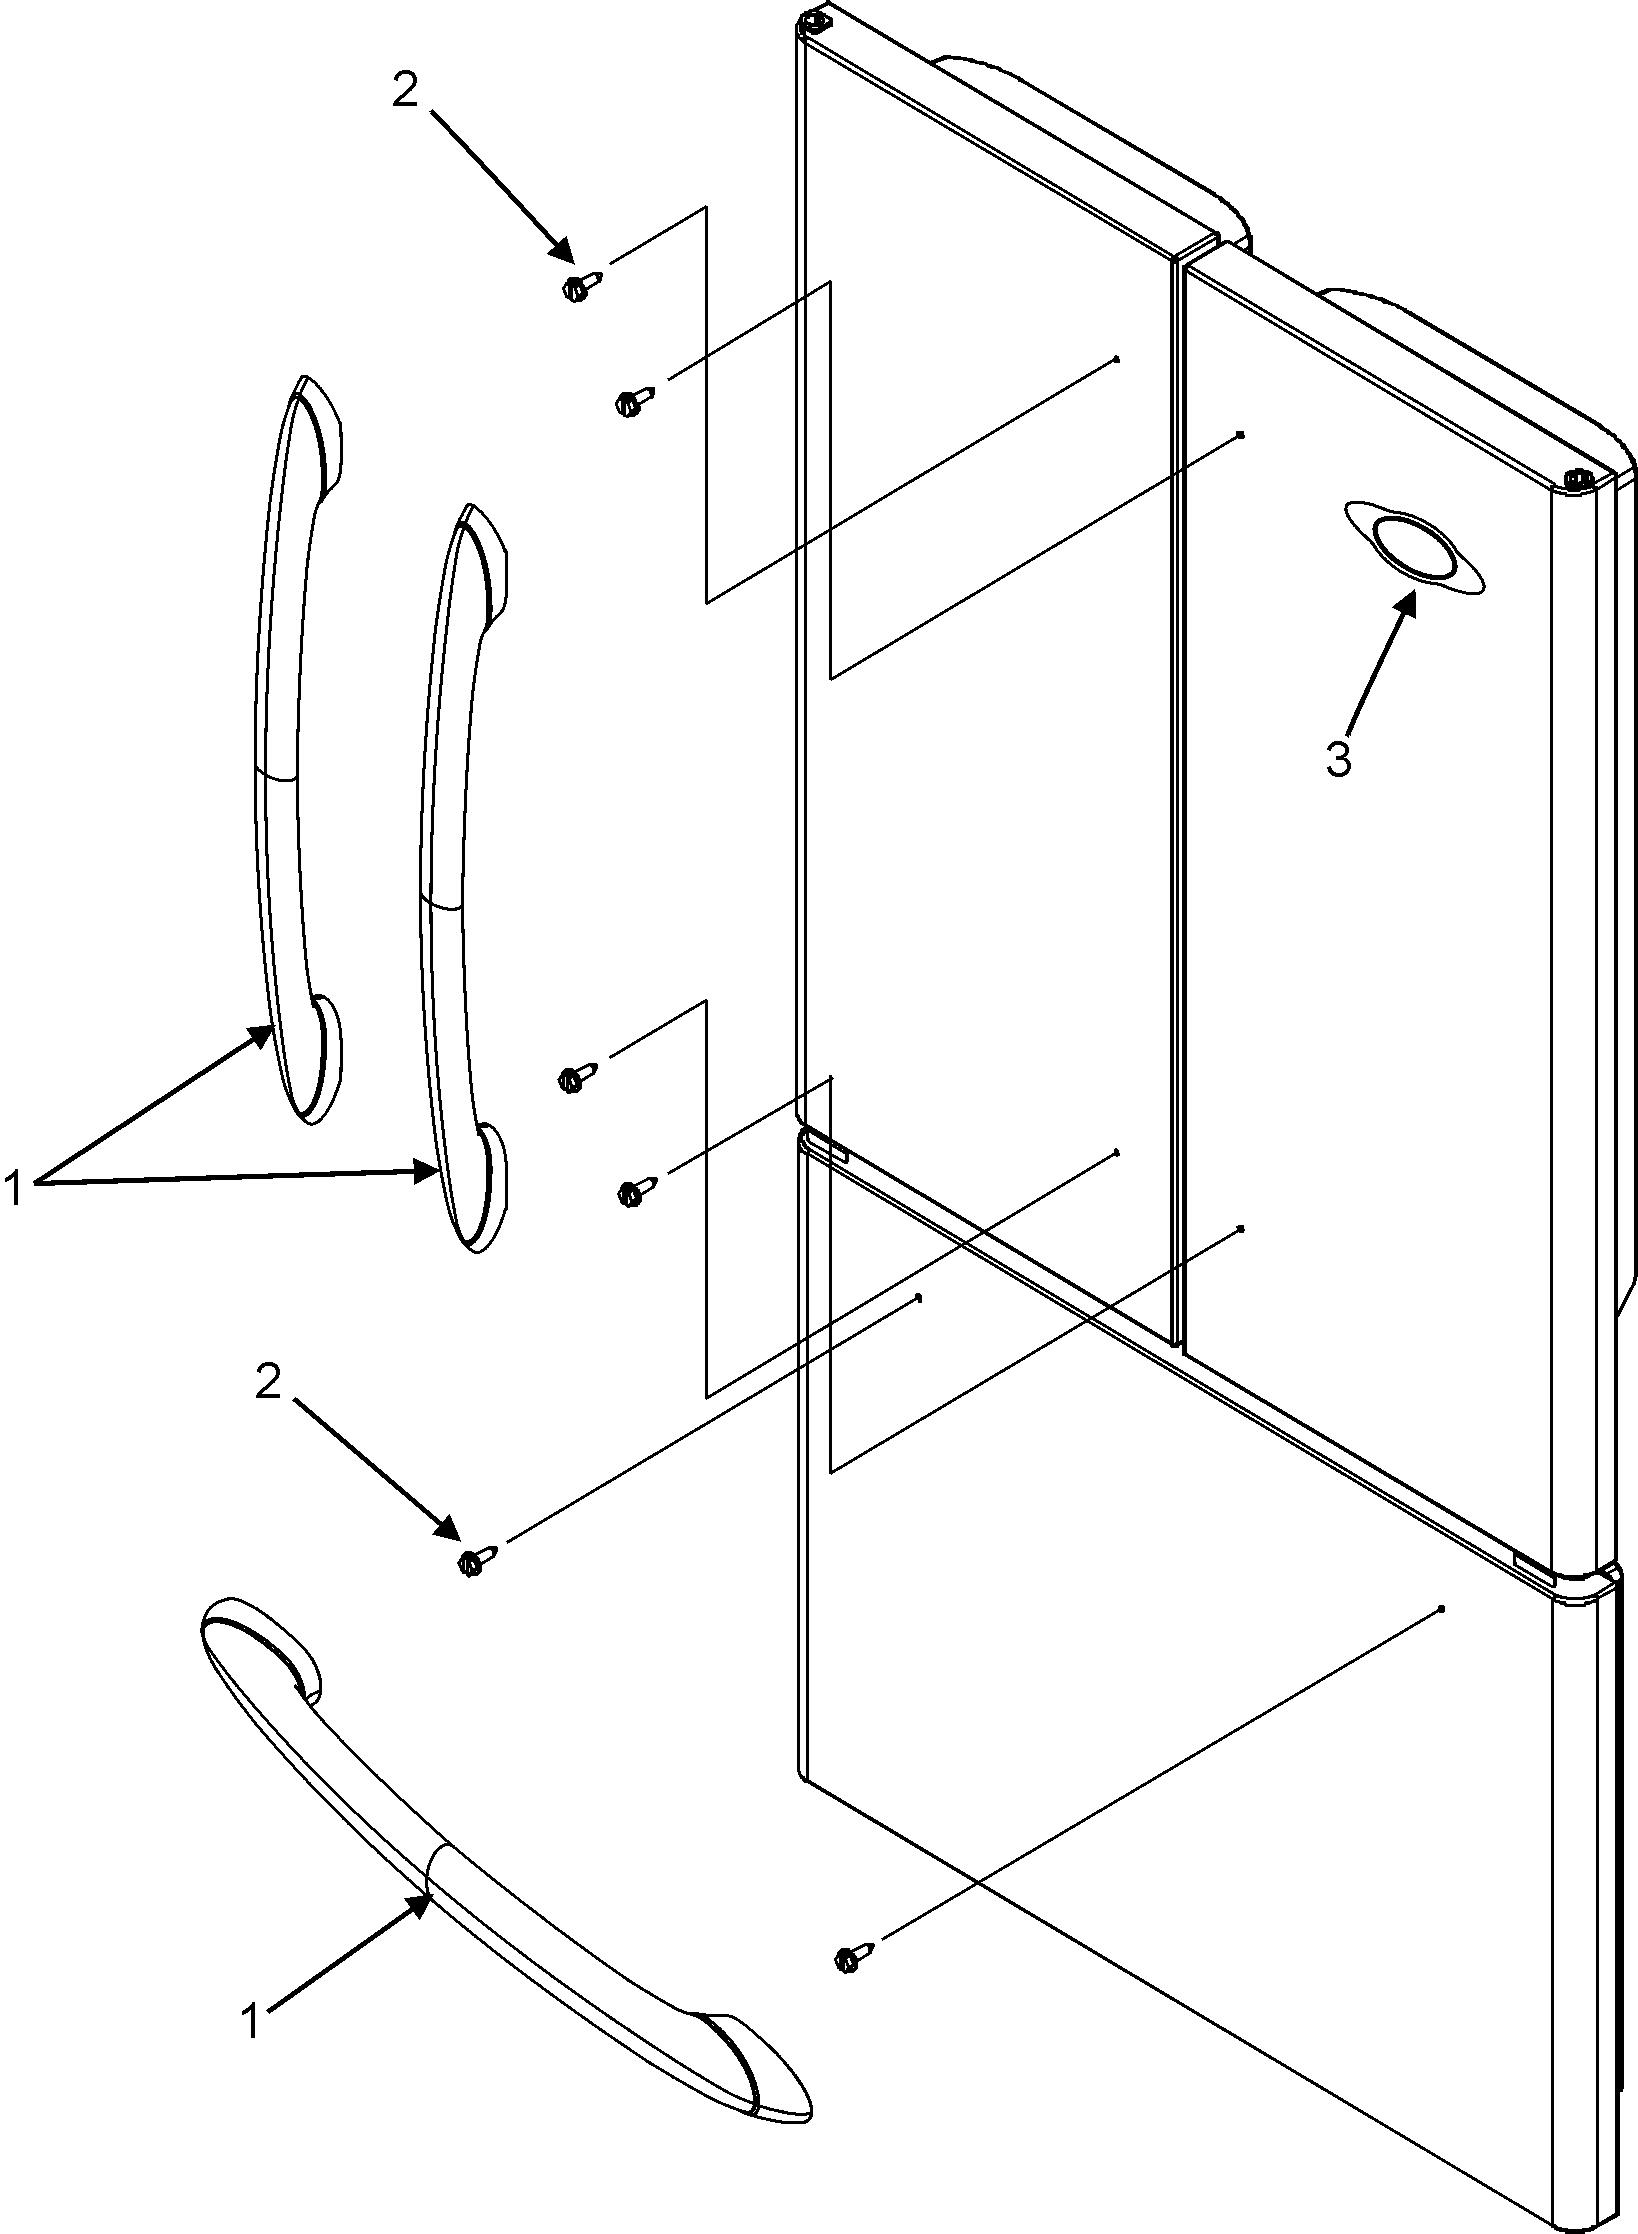 Maytag model MFI2568AEW bottom-mount refrigerator genuine